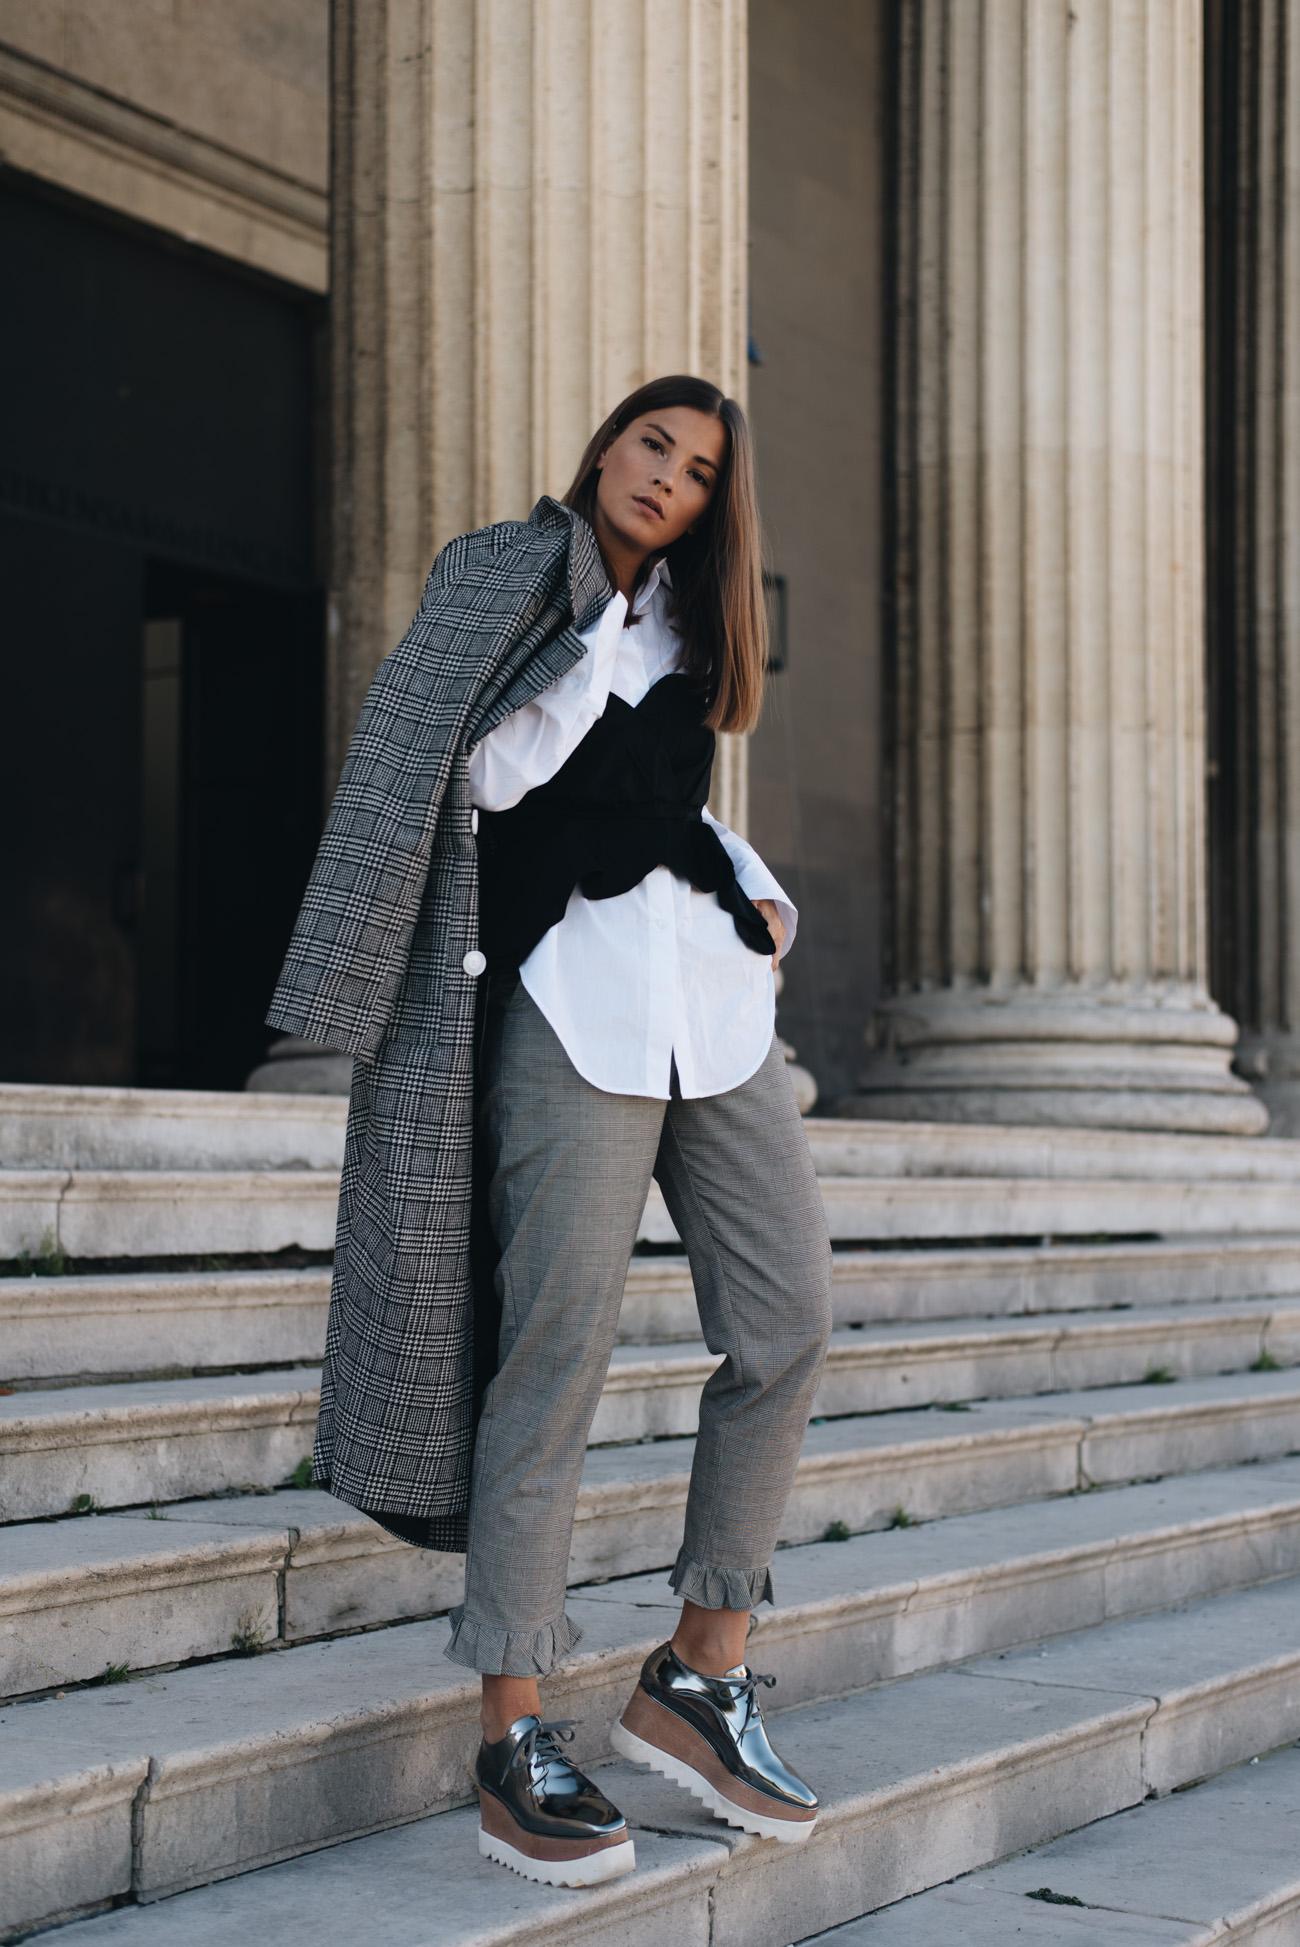 weiße-bluse-mit-schwarzer-corsage-korsett-oberteil-im-alltag-tragen-damen-glencheck-karo-mantel-fashion-blogger-deutschland-nina-schwichtenberg